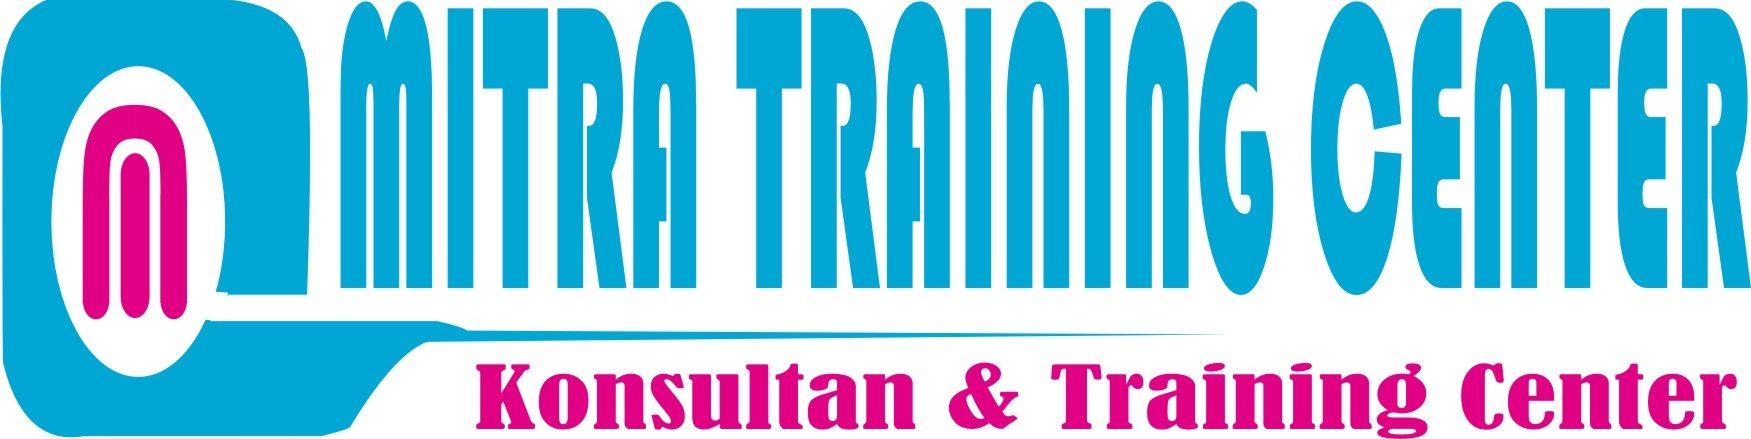 Pelatihan PONEK – Pelatihan Geriatri – Pelatihan IPCN Dasar – Pelatihan Case Manager – Pelatihan Manajemen Layanan NICU/PICU – Pelatihan PPI Dasar – Pelatihan Rekam Medik – Pelatihan SPI RS